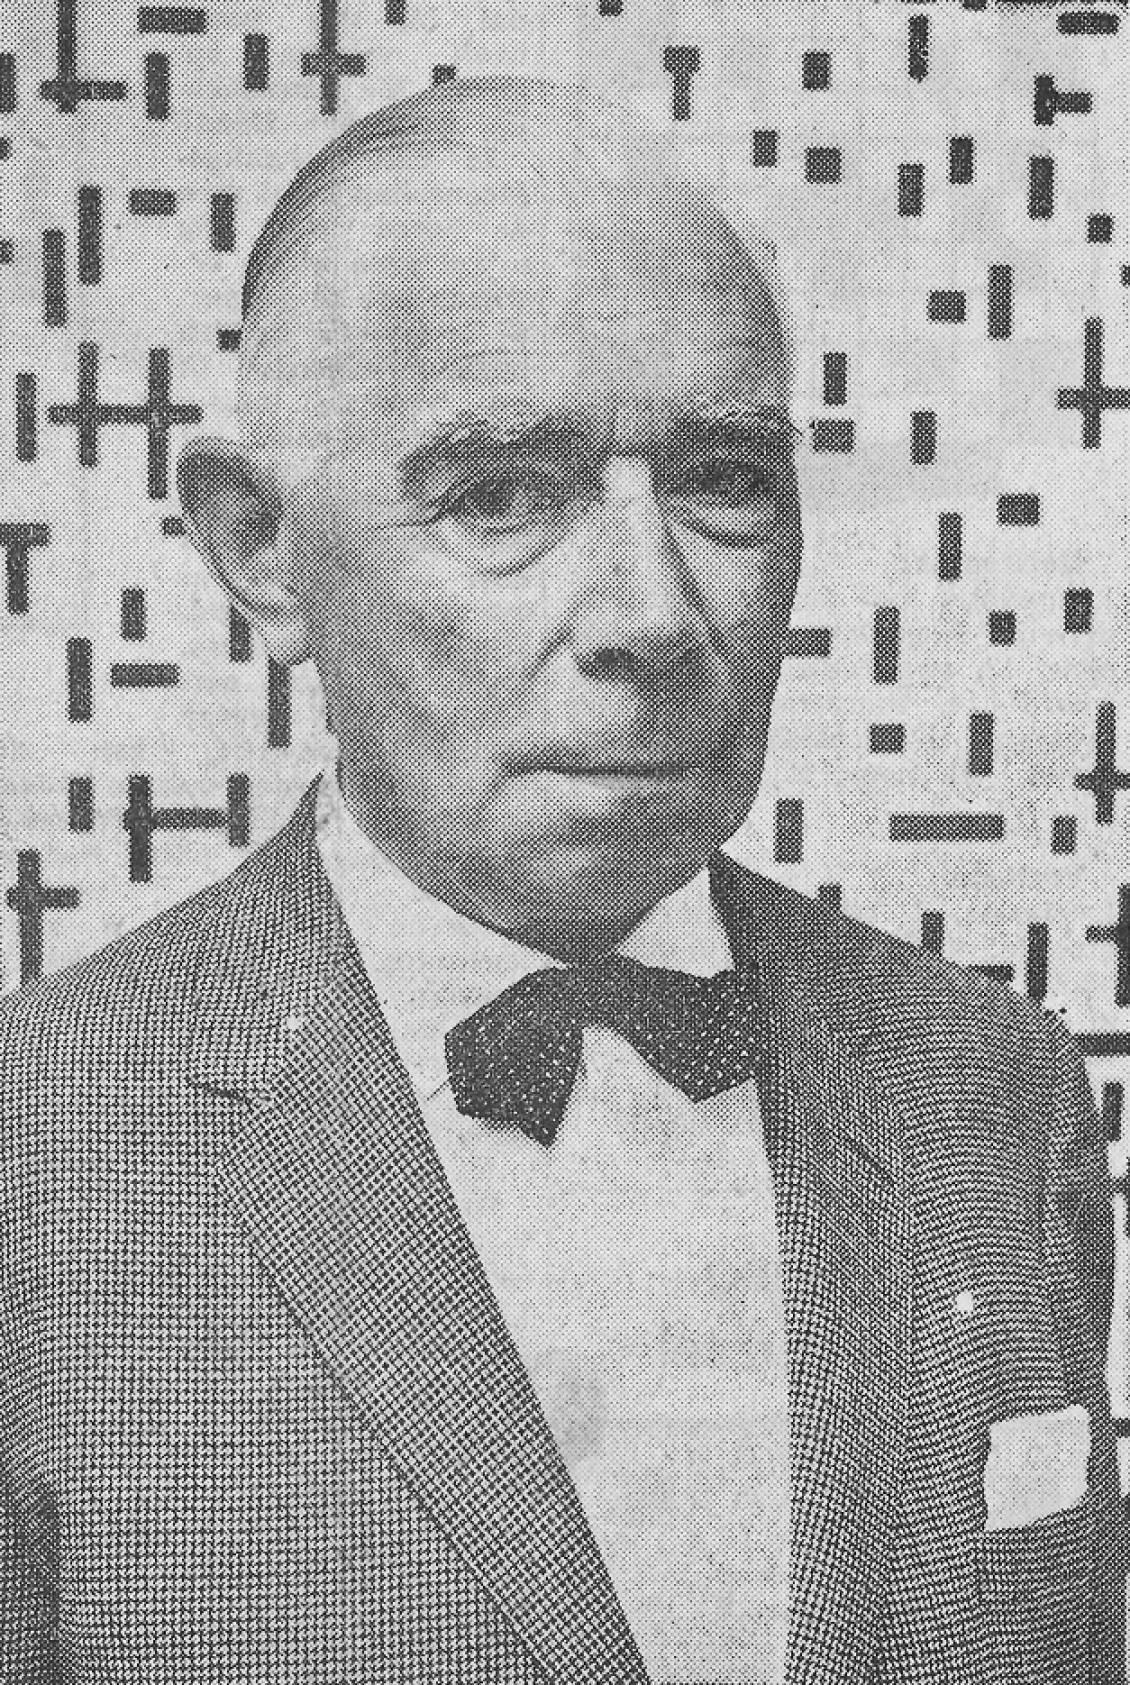 Hammacher in Rijksmuseum Kröller-Müller voor Compositie in lijn (1917) van Piet Mondriaan, 1962